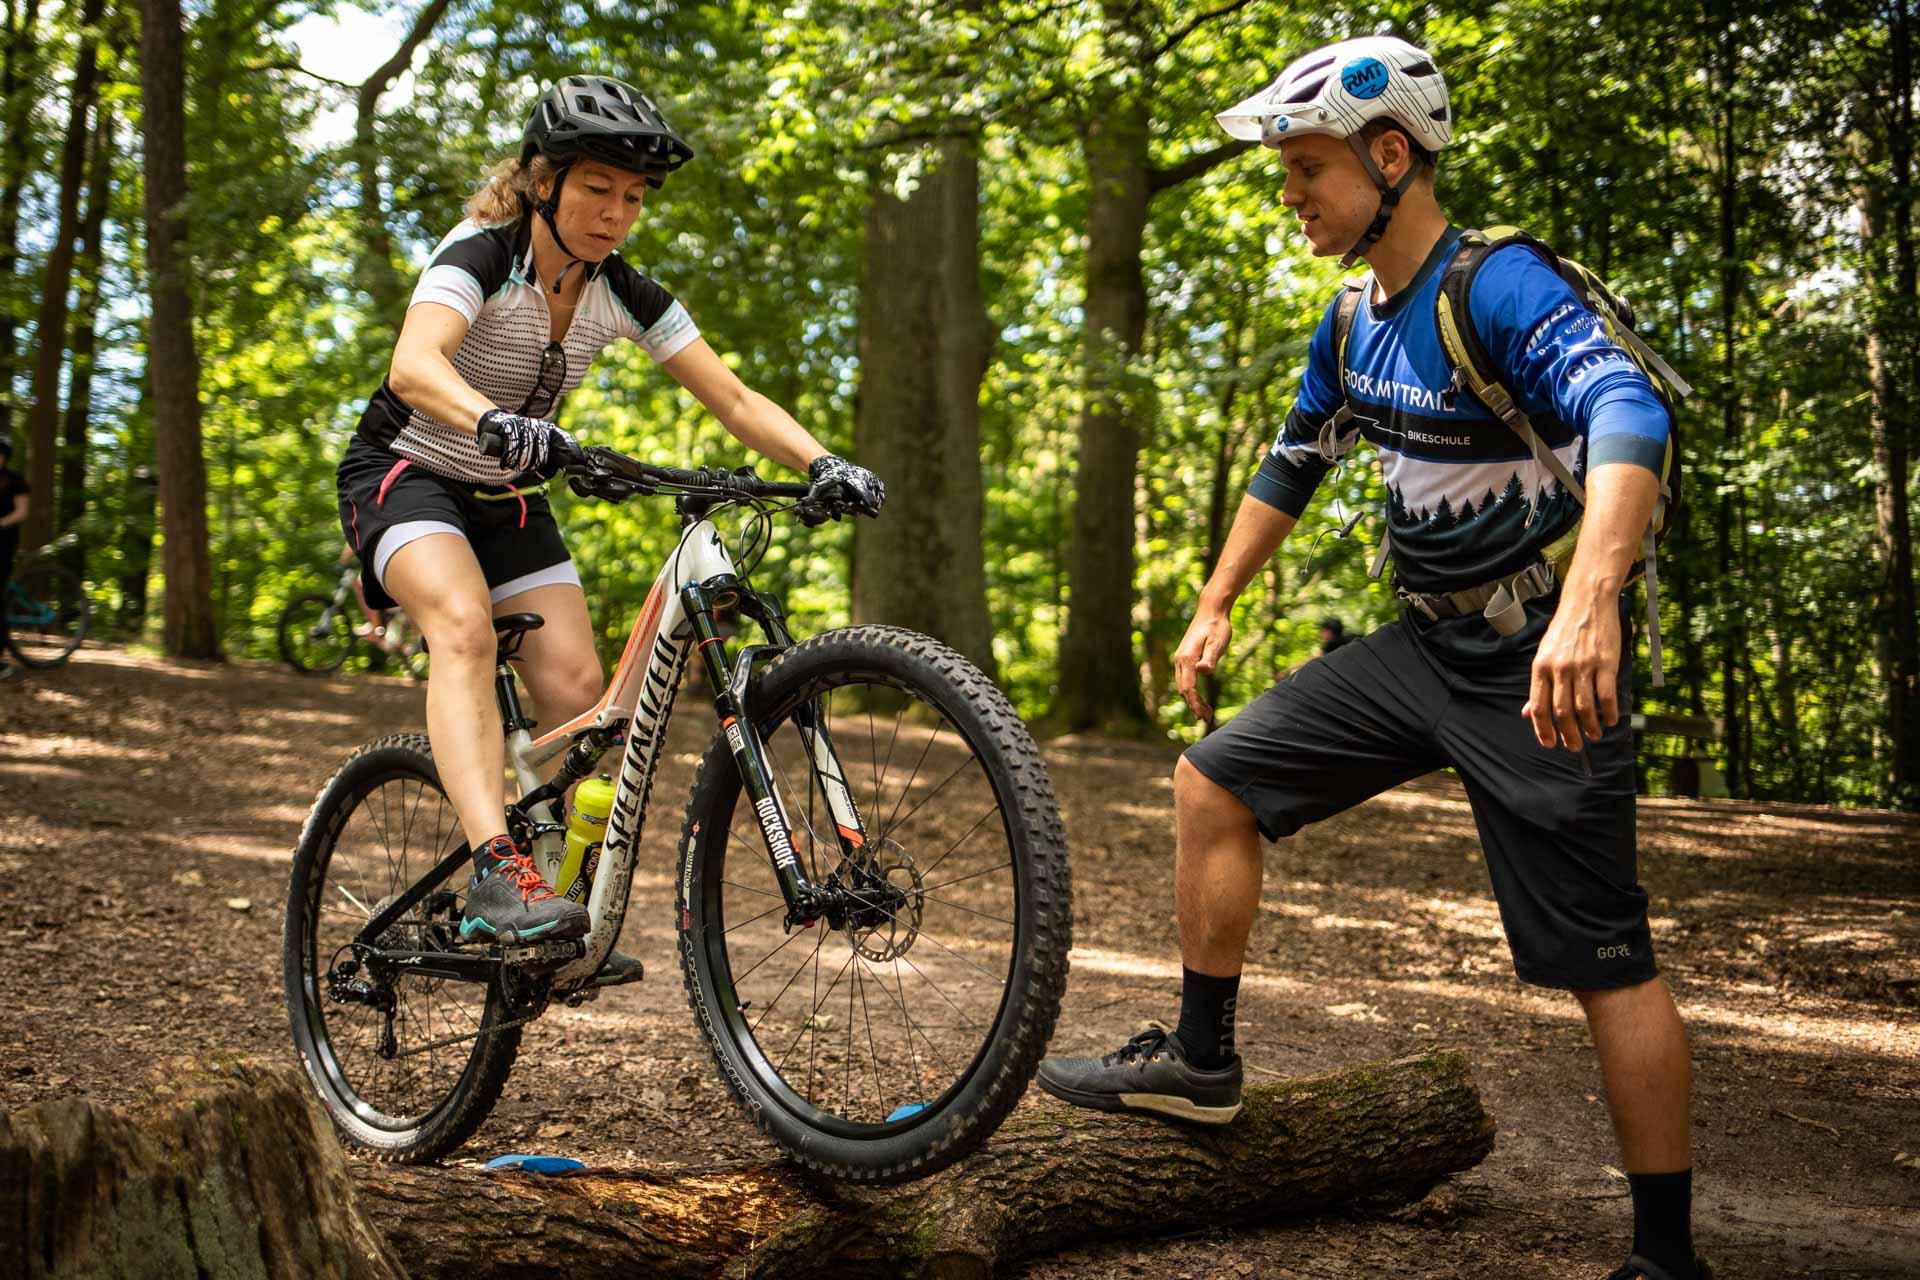 MTB Fahrtechnik Kurs für Einsteiger in Bad Orb | Spessart - Mountainbike Basic - Rock my Trail Bikeschule - 36